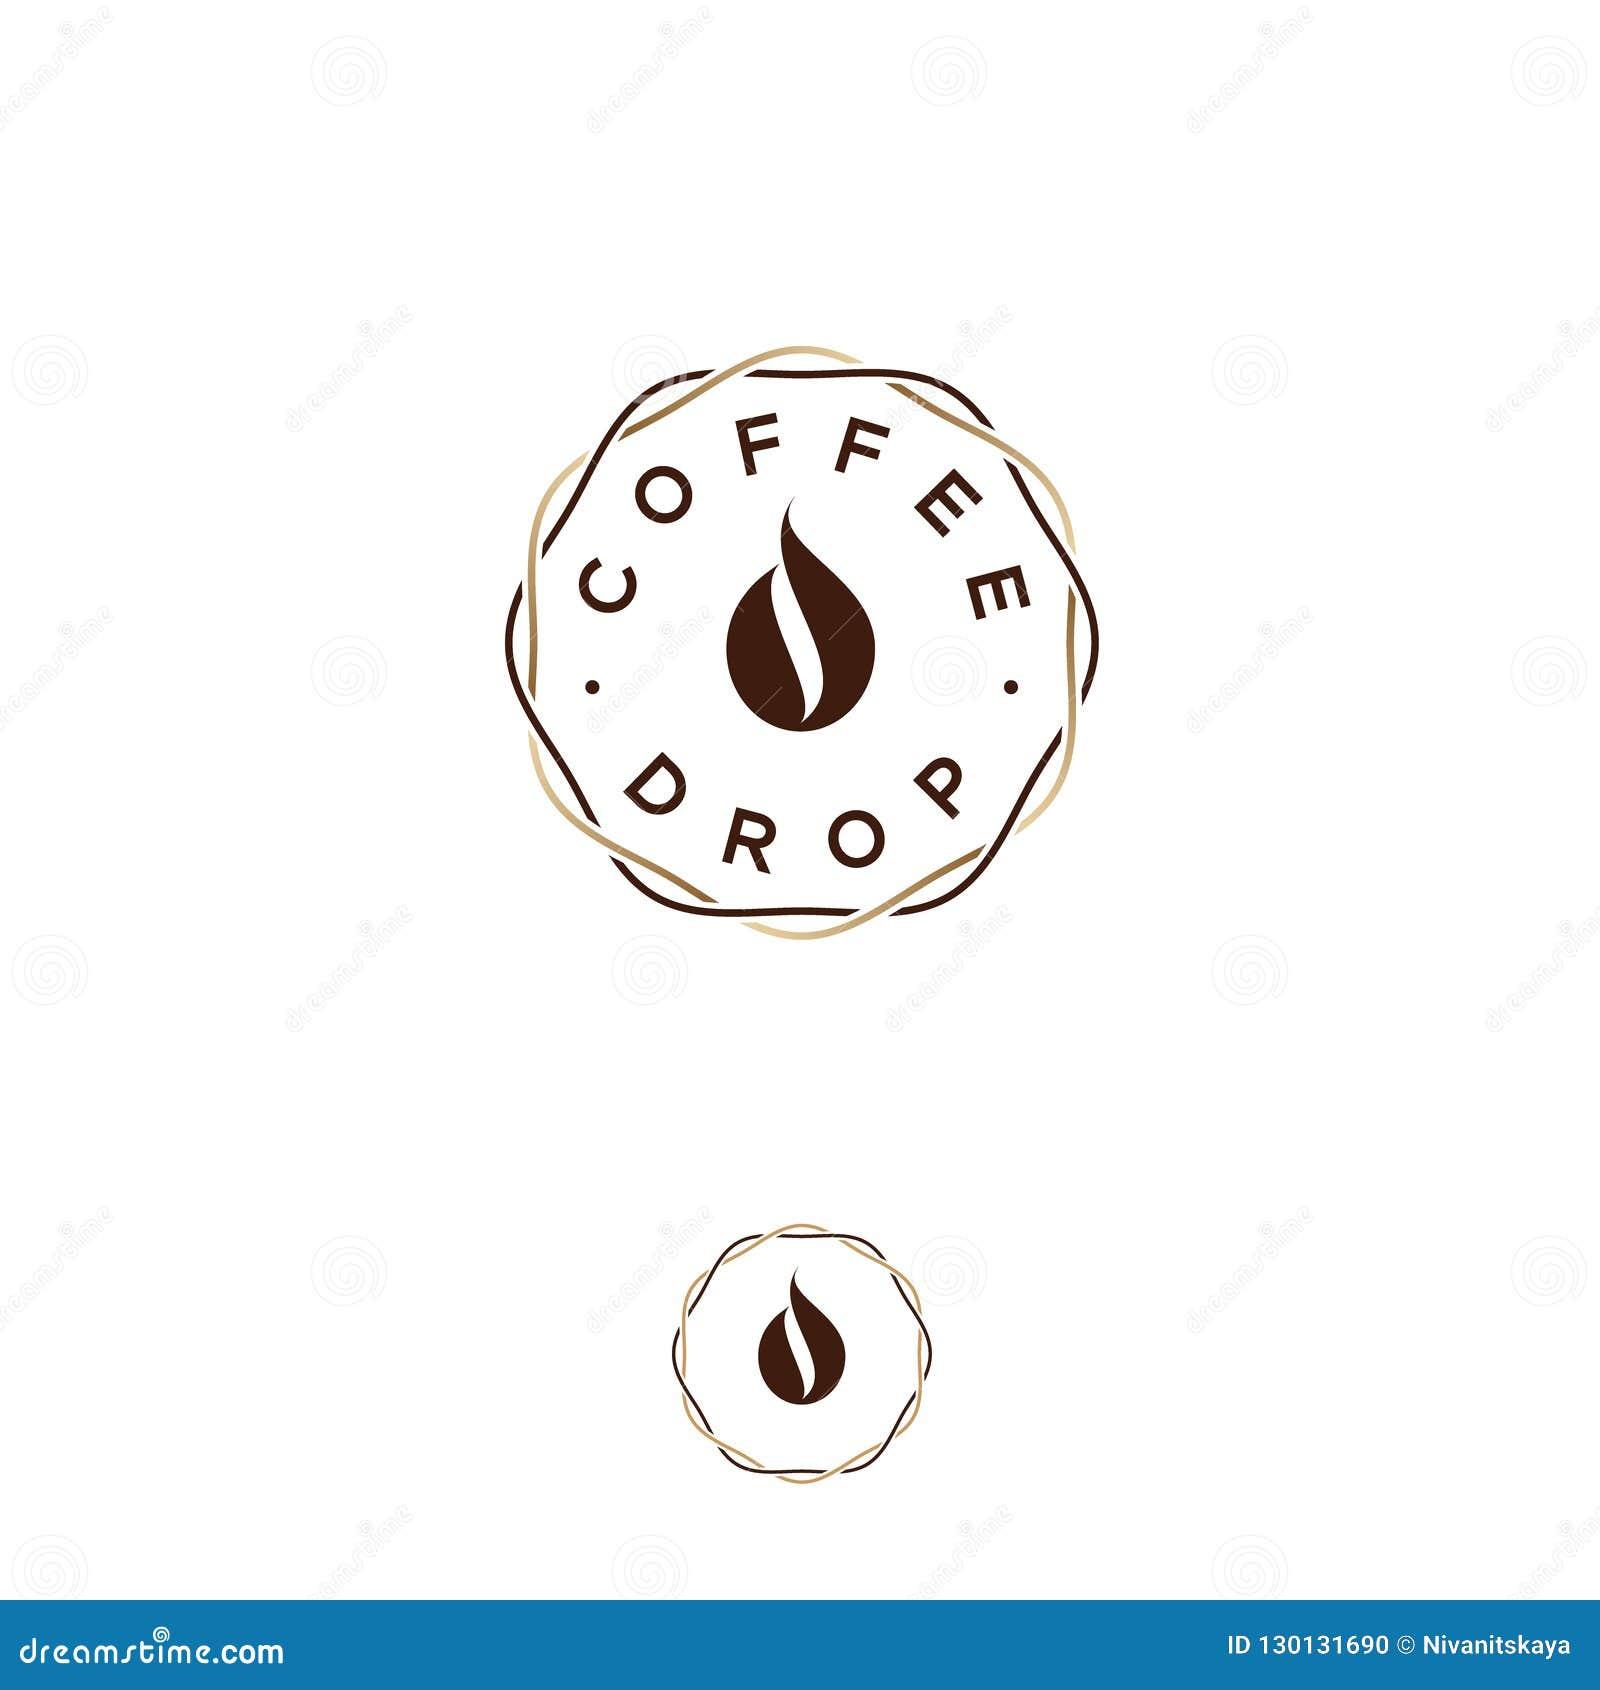 Kaffeetropfenlogo Kaffeeemblem Kaffeetropfen, wie Kaffeebohne, der verflochtenen Kranzlinien